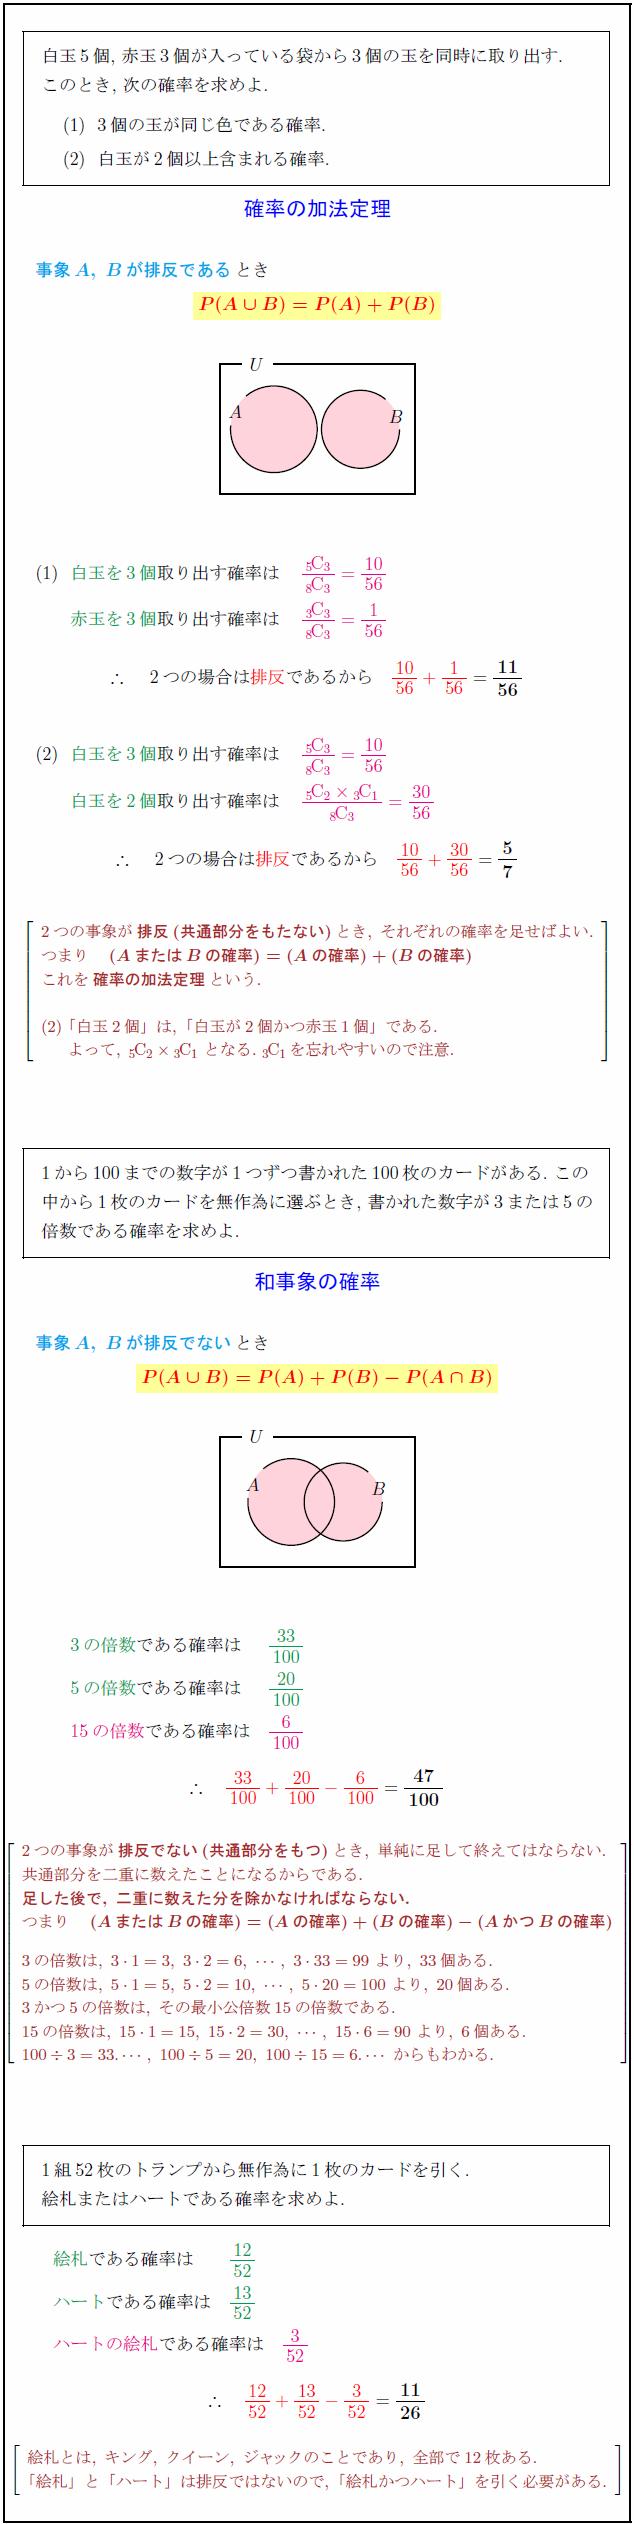 sum-event